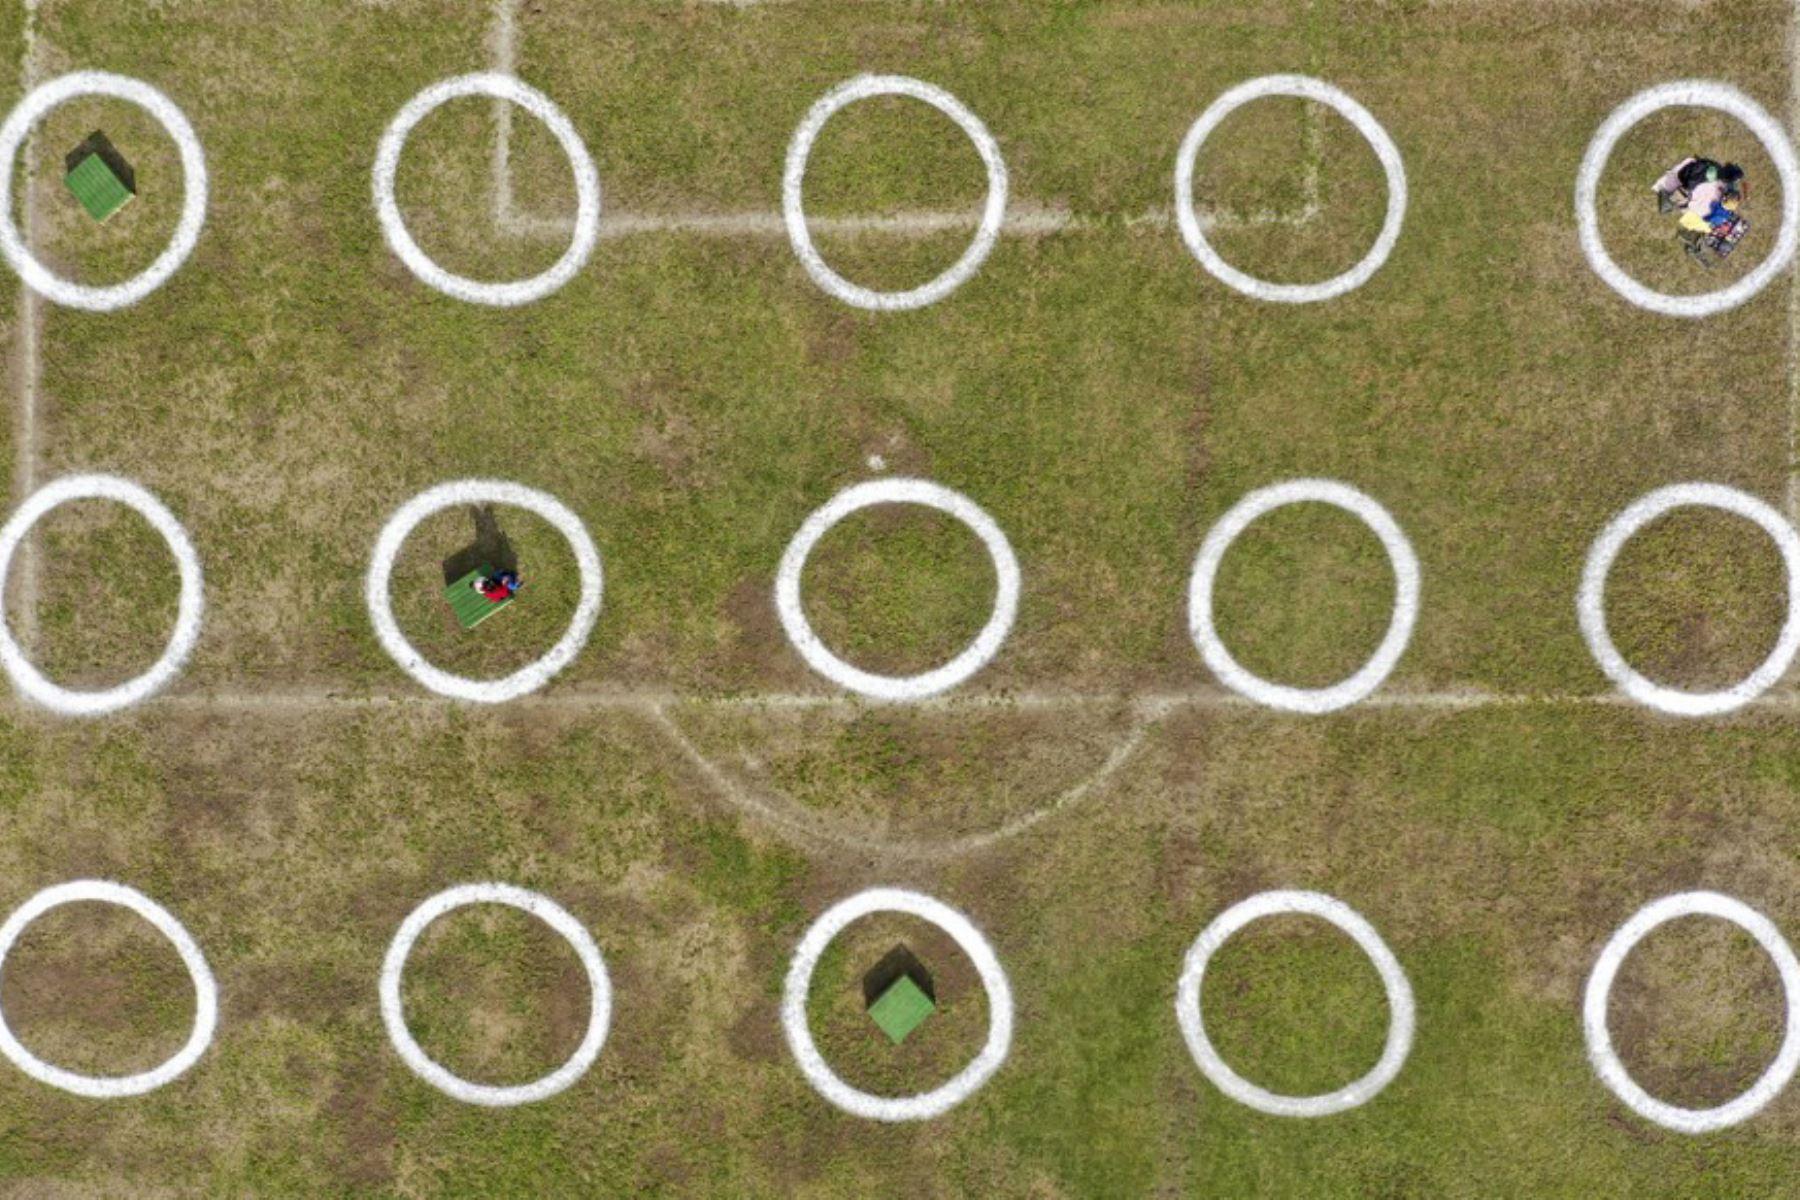 Vista aérea de personas en un campo con círculos pintados como marcadores para mantener una distancia social segura en Santiago, Chile. Foto: AFP